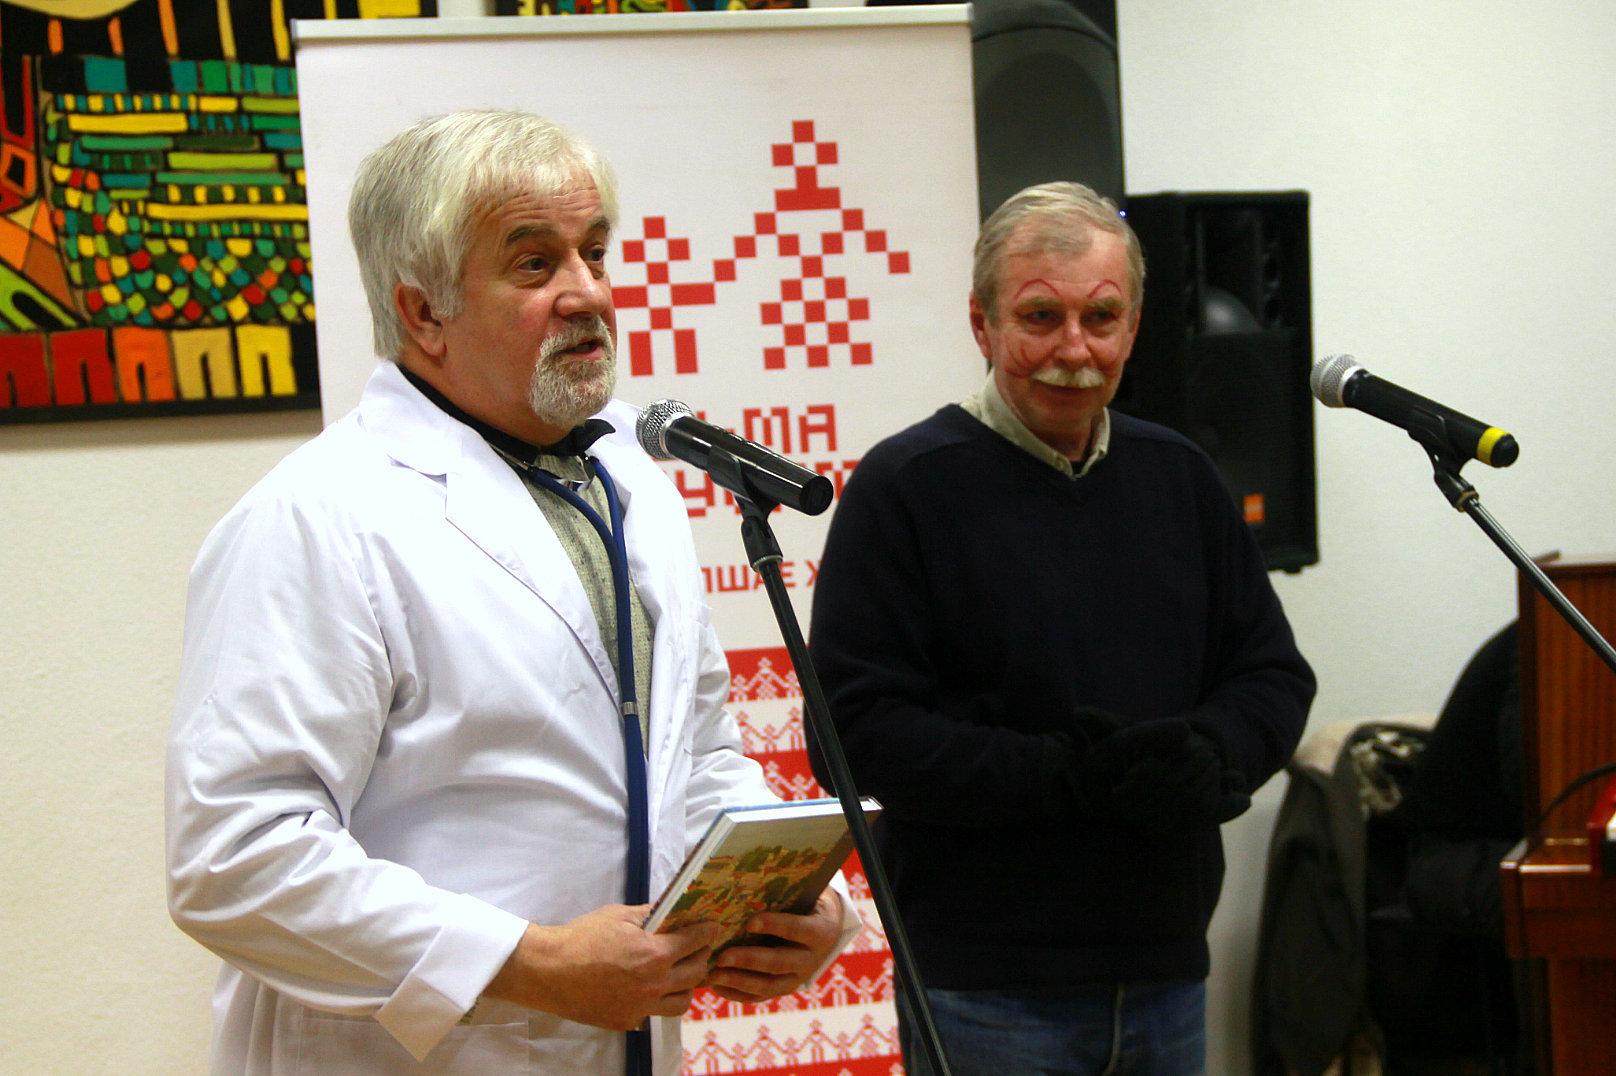 Кот Бургамістр і лекар Біндэнбург вядуць размову з гледачамі